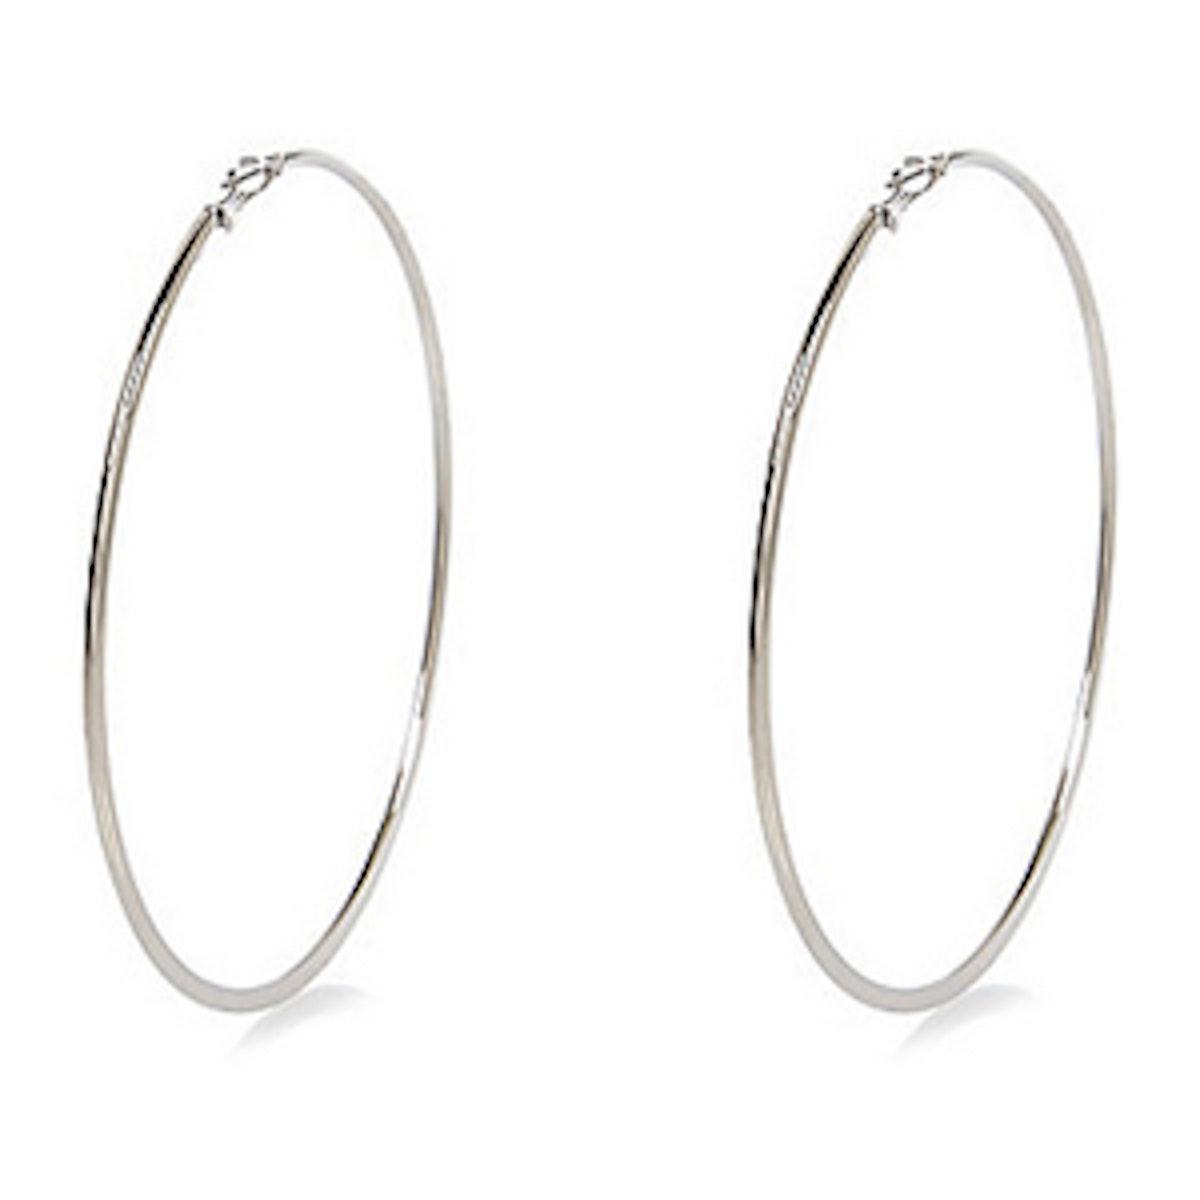 Silver-Tone Oversize Earrings